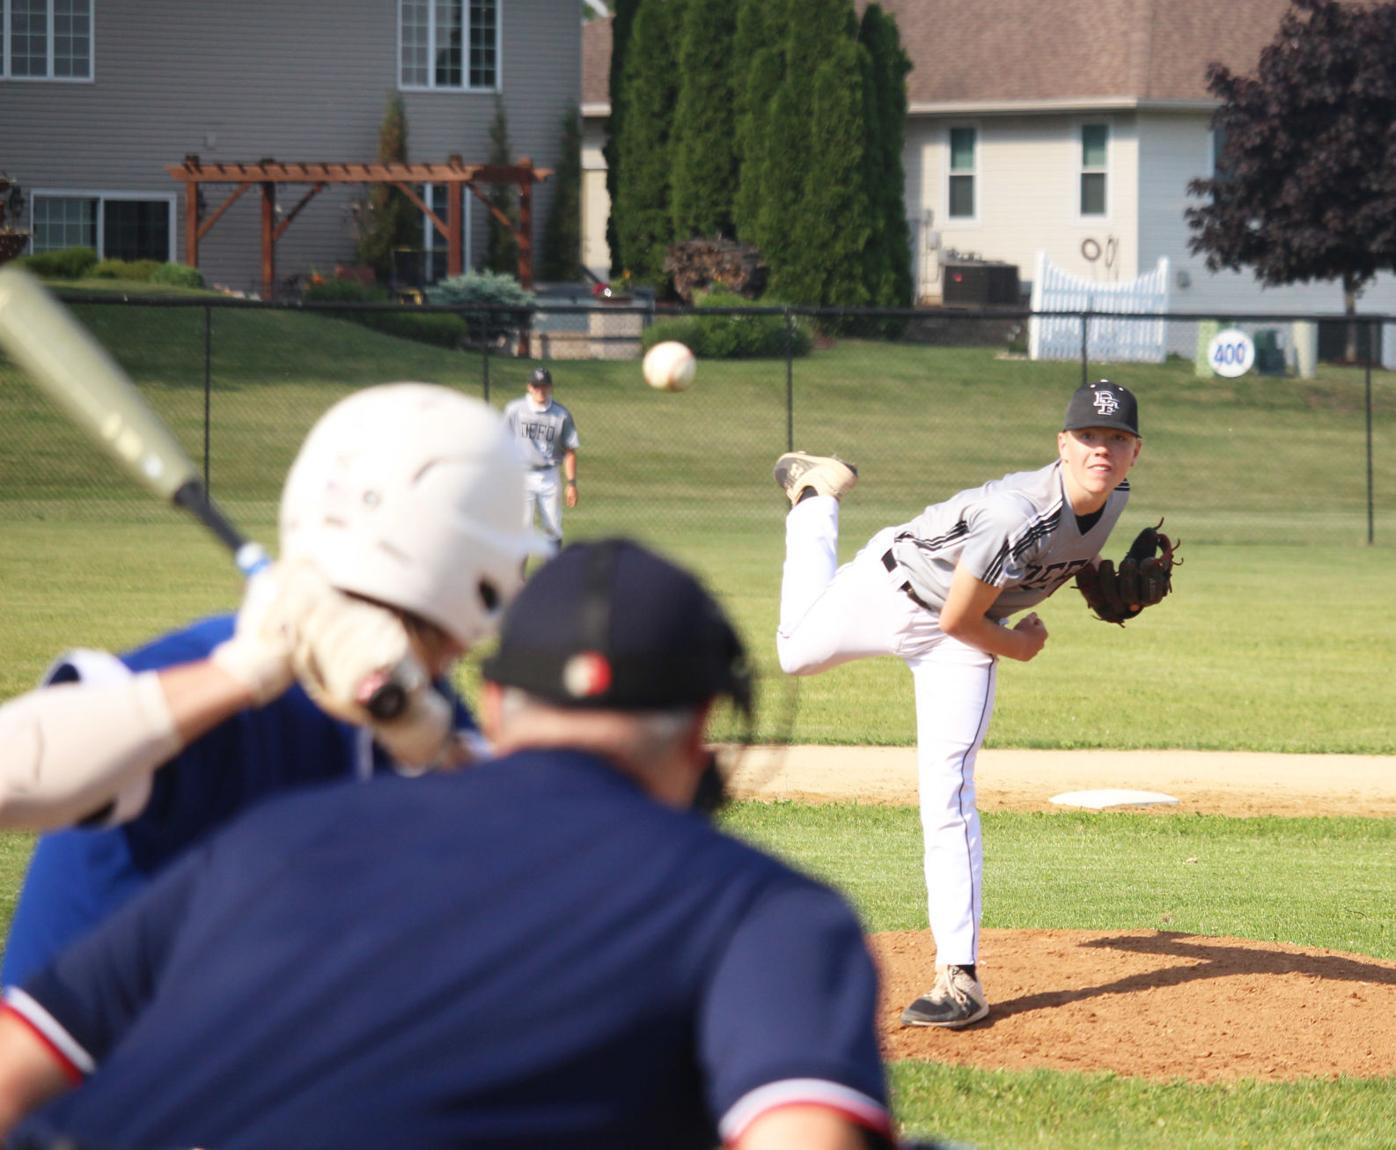 Firing a pitch